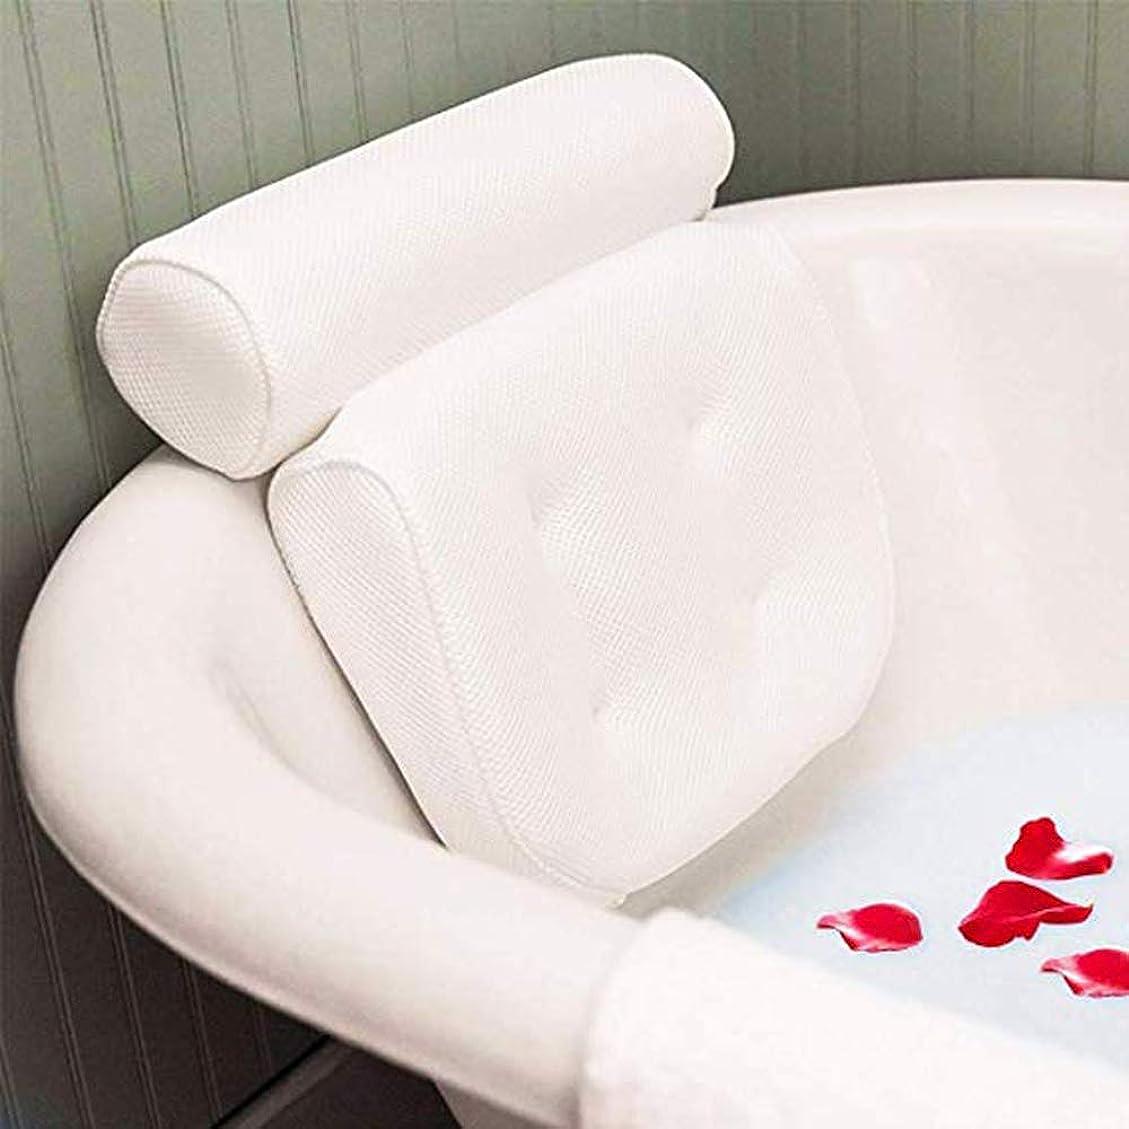 夢絶妙ジャンル頭、首、肩と背中のサポートが付いている浴槽スパ枕、滑り止め4大型サクションカップはどんな浴槽にもフィットし、抗菌性です。,White